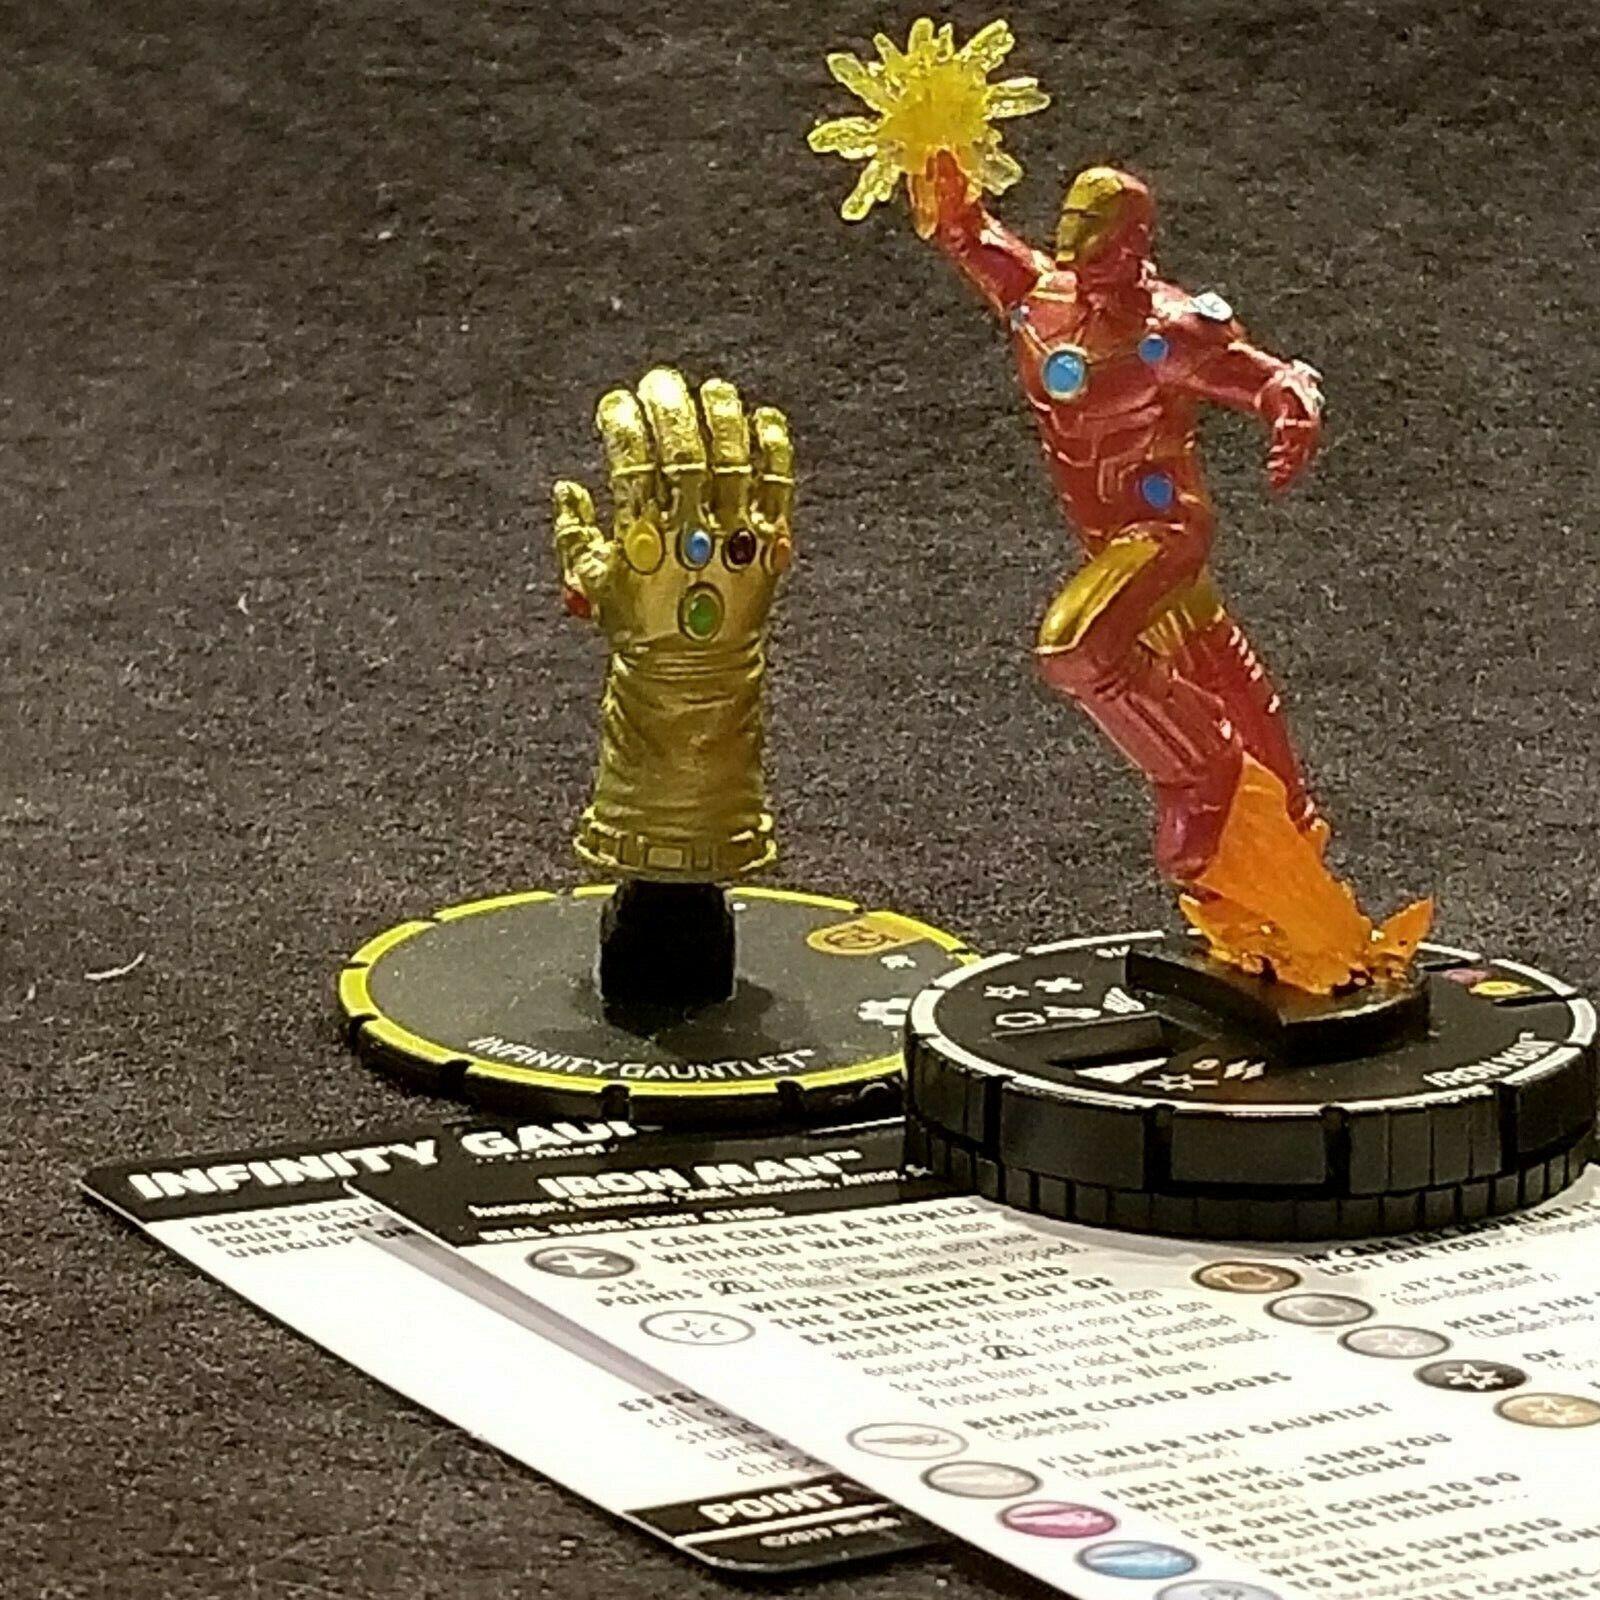 Iron-Man 070 & Infini Gauntlet s009 Chase Heroclix Noir Panthère  & Illuminati  le plus préférentiel